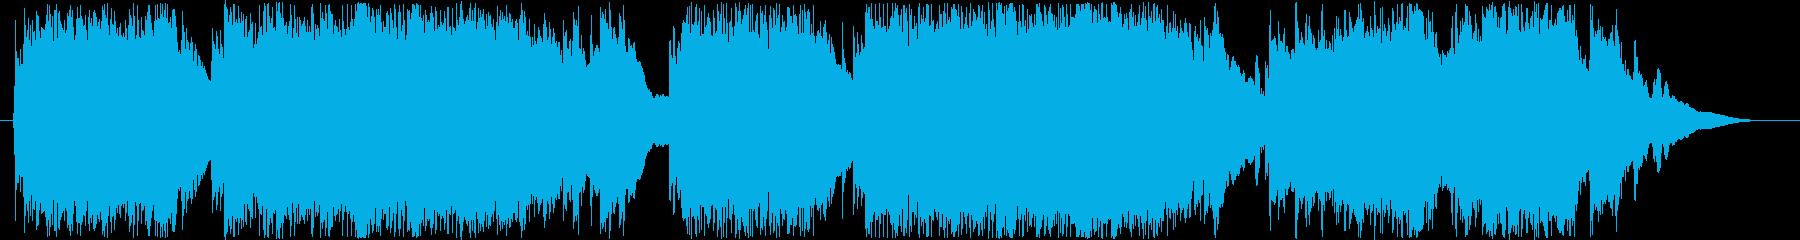 哀愁のワルツの再生済みの波形